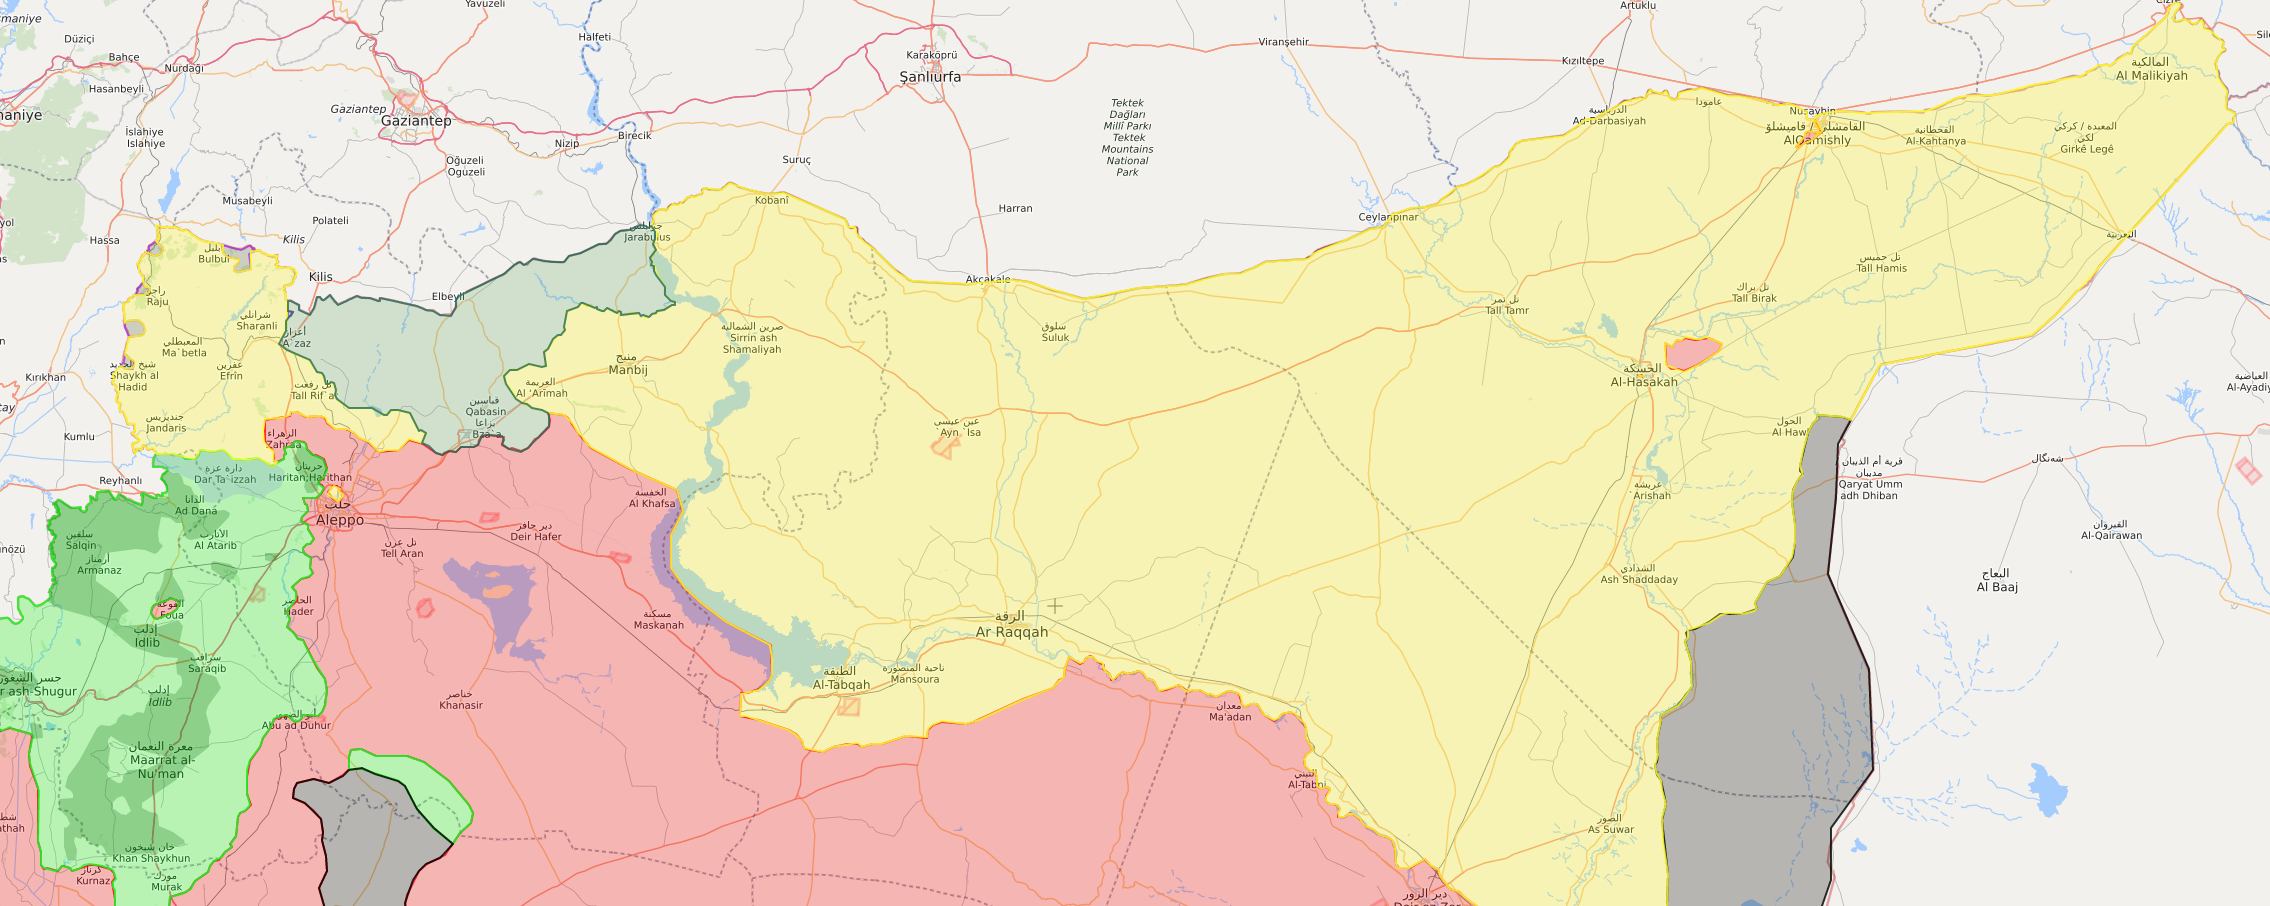 خريطة السيطرة شمالي سوريا - 24 كانون الثاني 2018 (livemap)